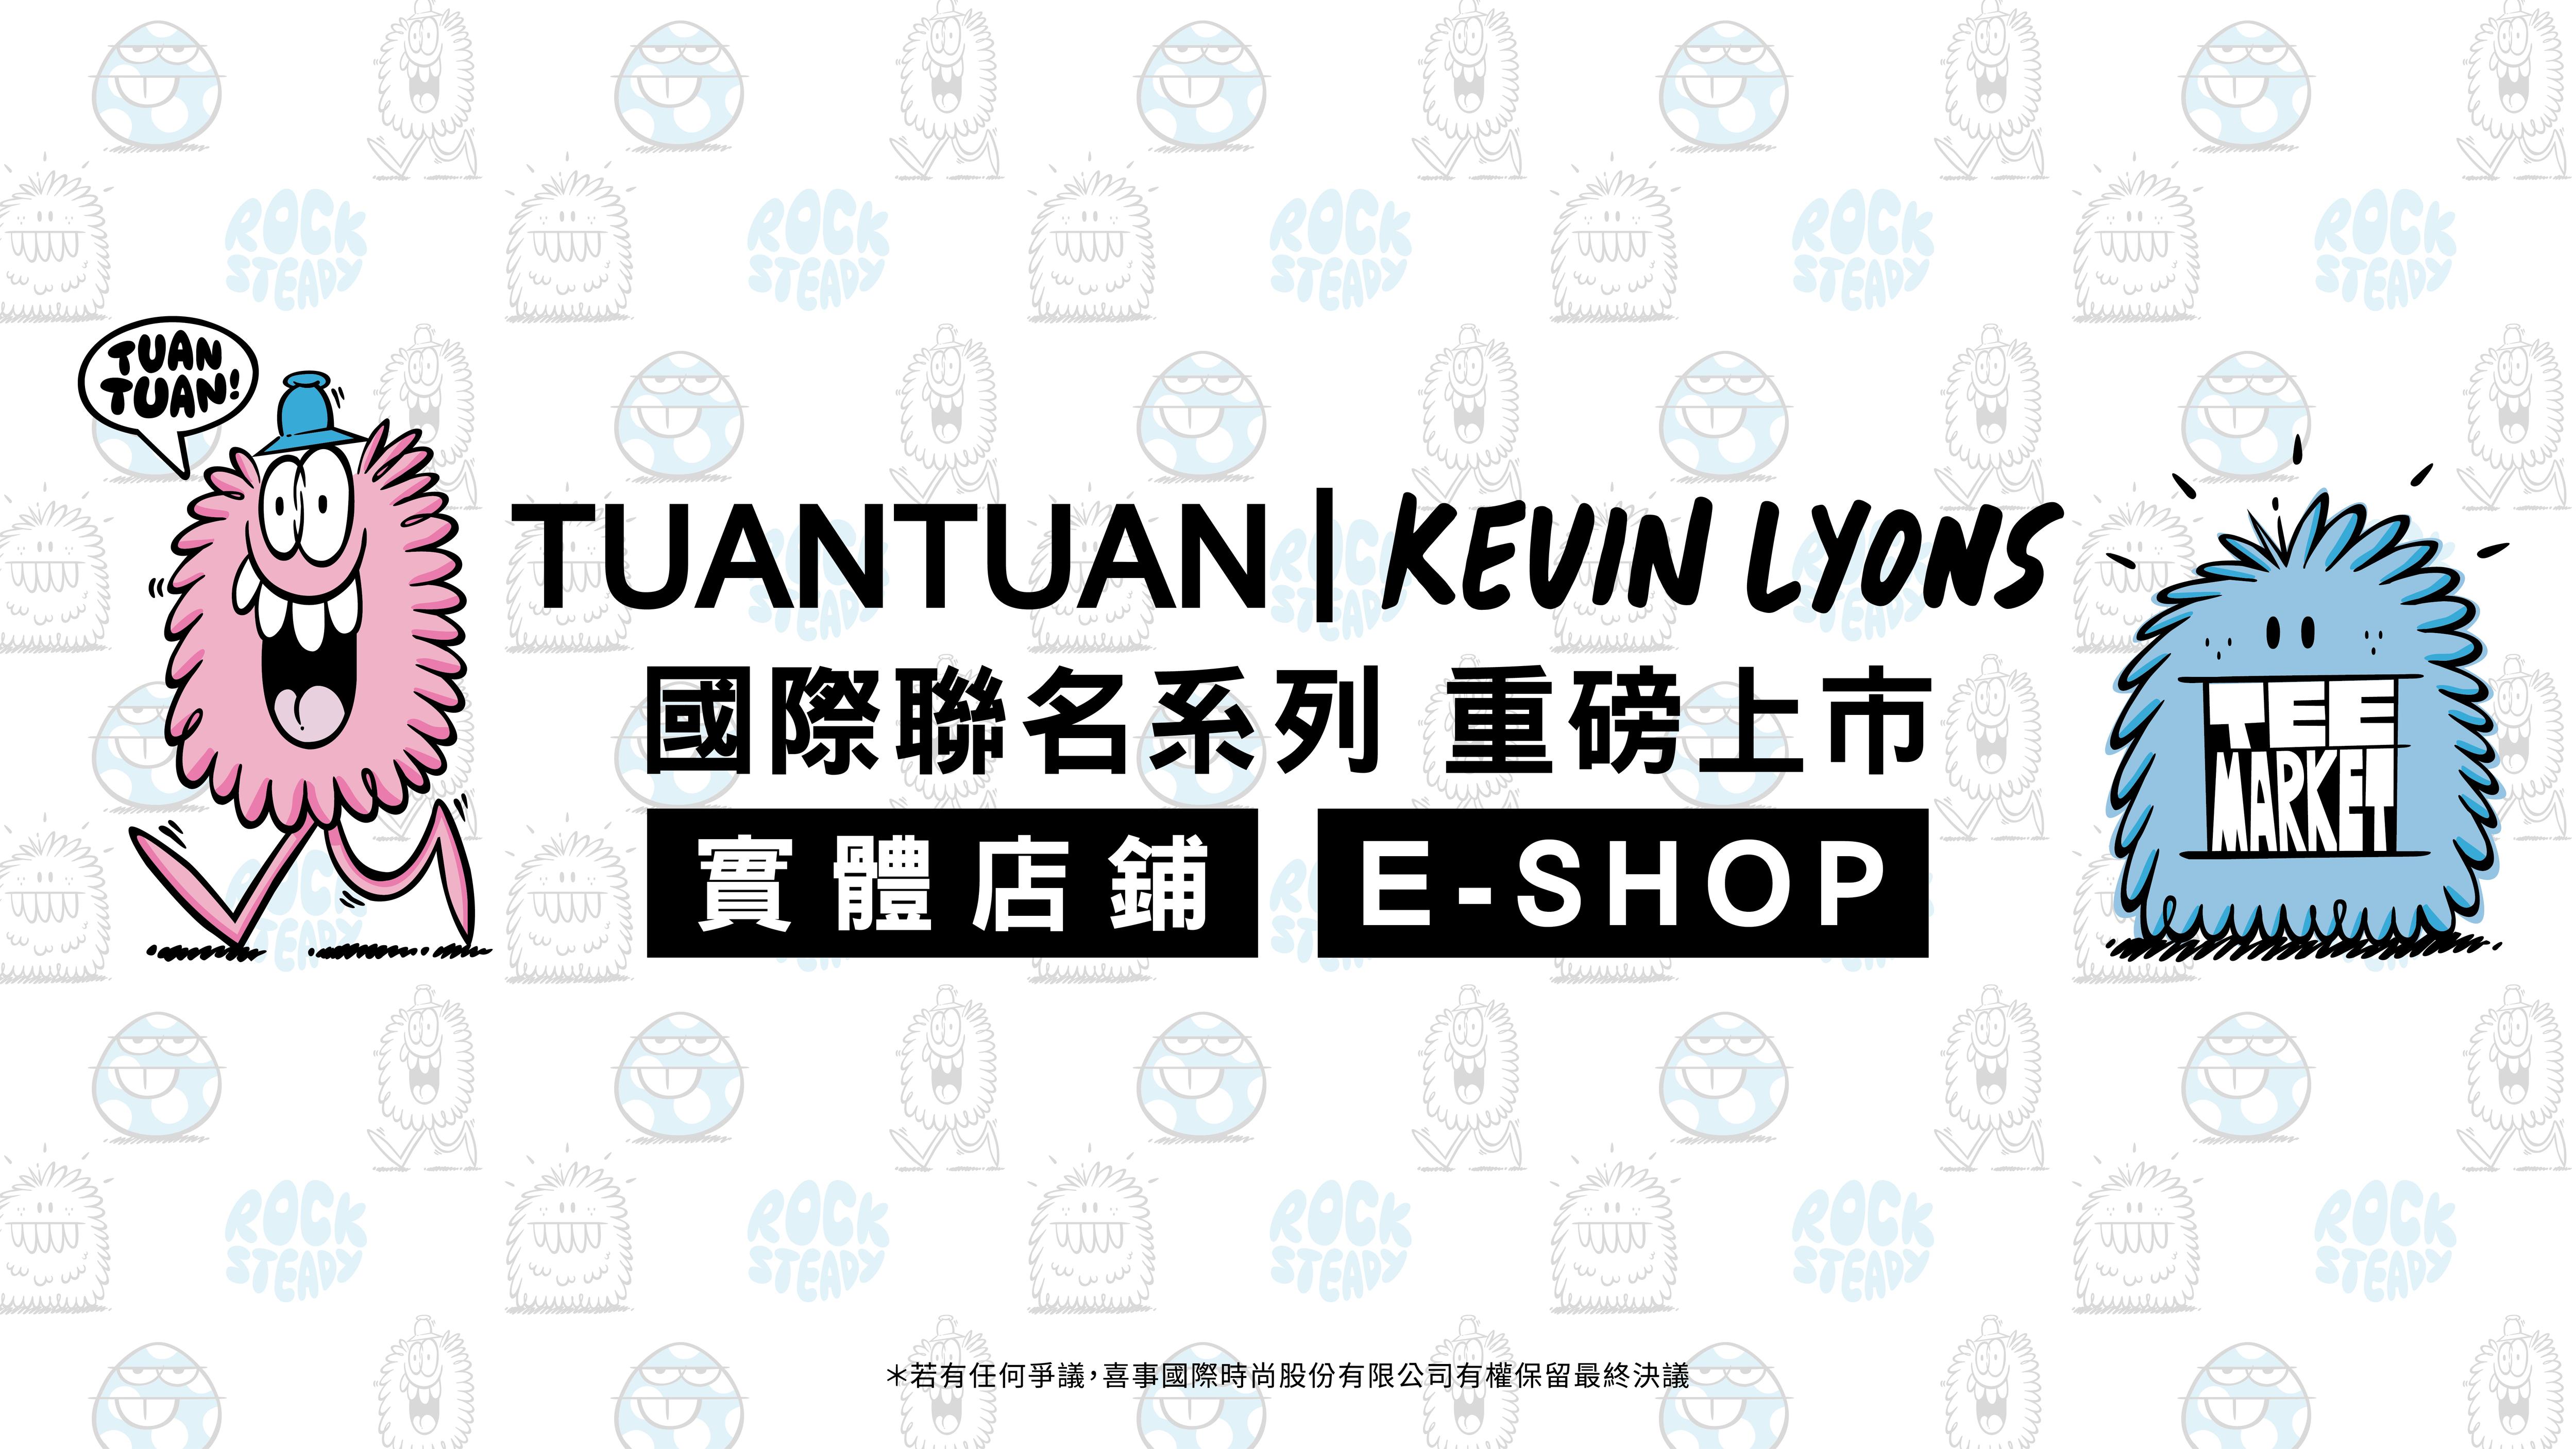 團團TUANTUAN,紐約潮流藝術家凱文里昂,Kevin Lyons,團長,副團長國際聯名系列,重磅上市,Eshop與實體店舖同步販售,